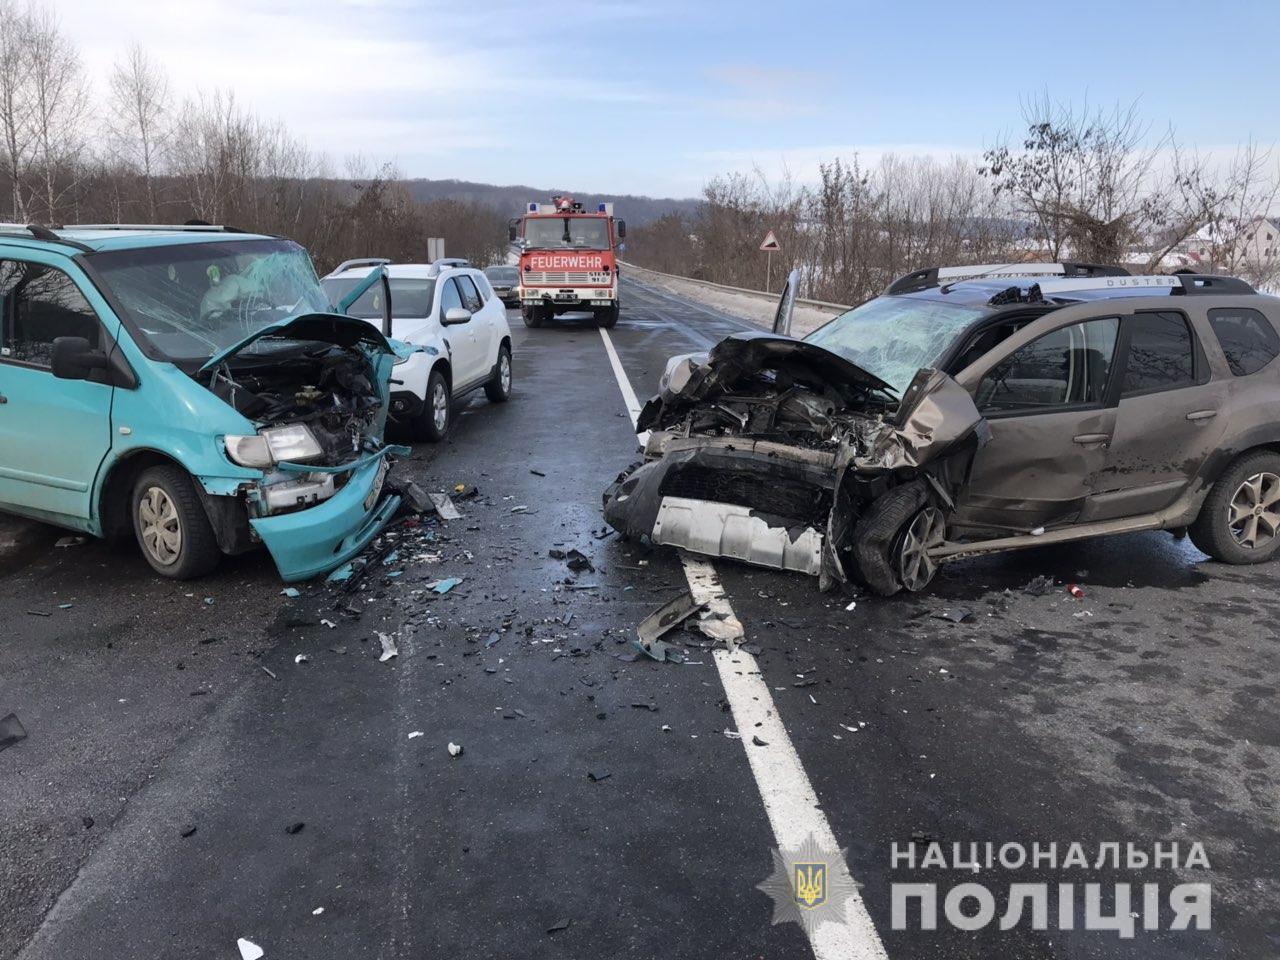 У січні 2020 року в Україні трапилося 11 836 аварій, в яких загинула 271 особа, ще 2 391 особа отримала травми